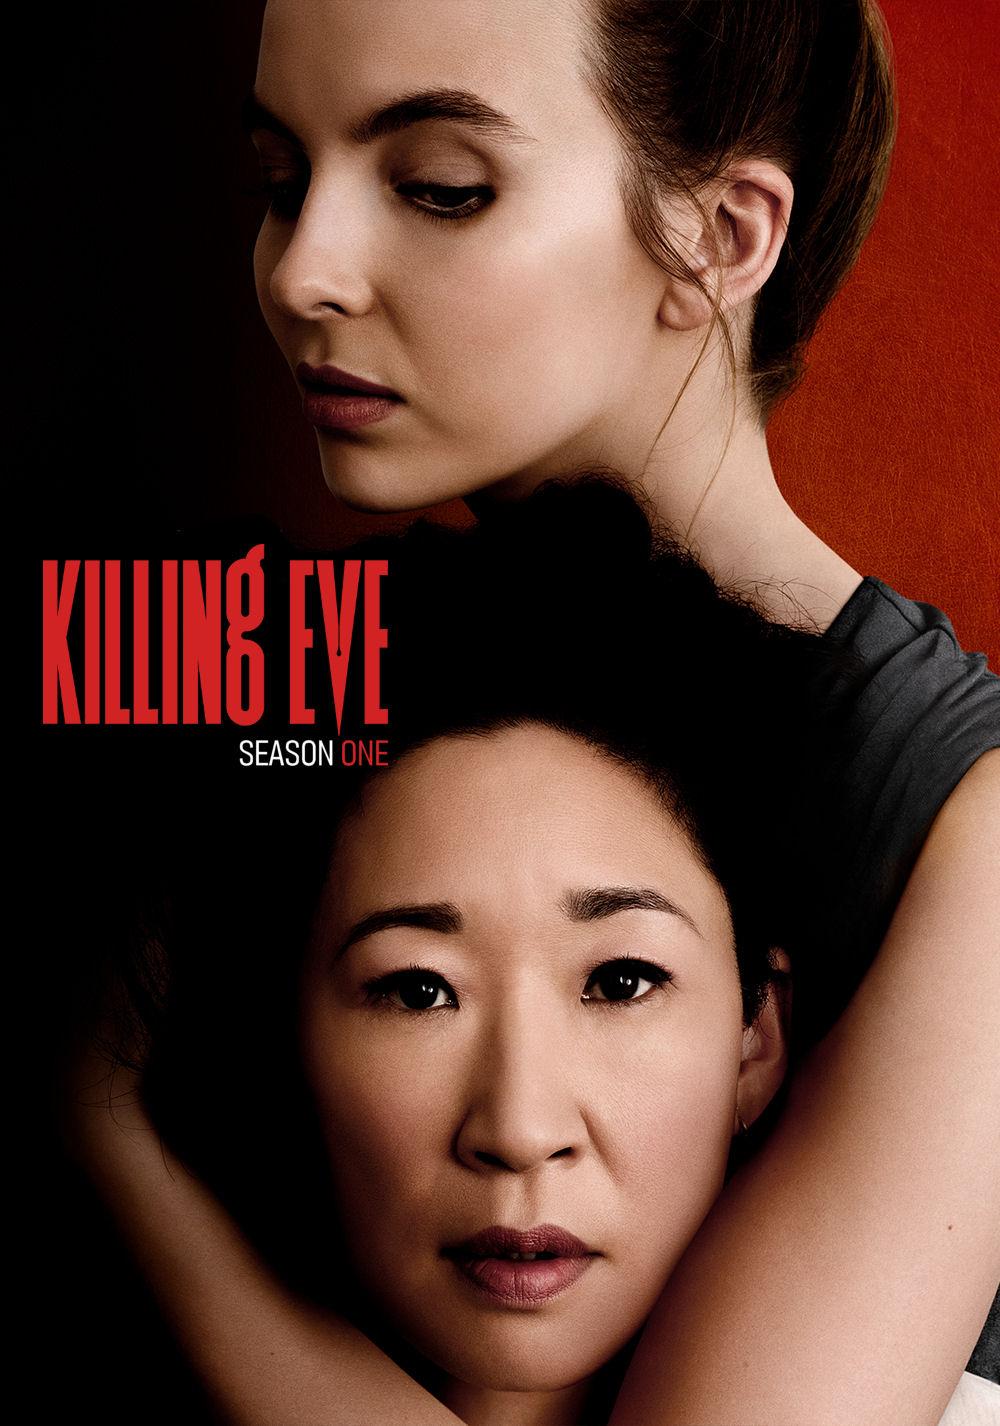 مسلسل Killing Eve الموسم الاول حلقة 4 مترجمة